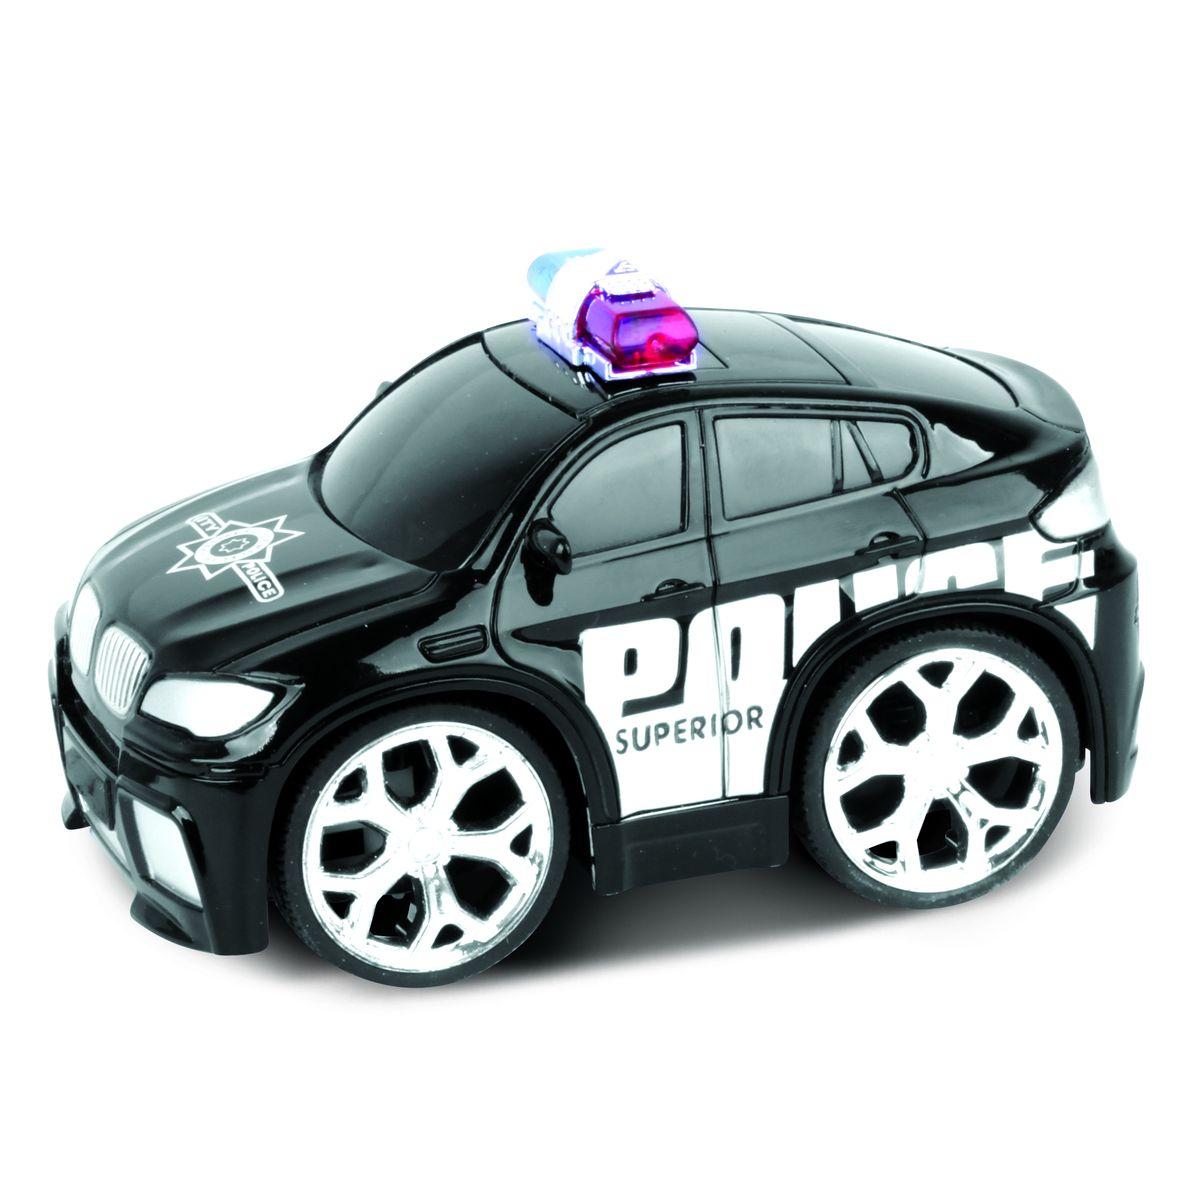 Bluesea Машинка на радиоуправлении Police Car цвет черный bluesea машинка на радиоуправлении racing car цвет синий